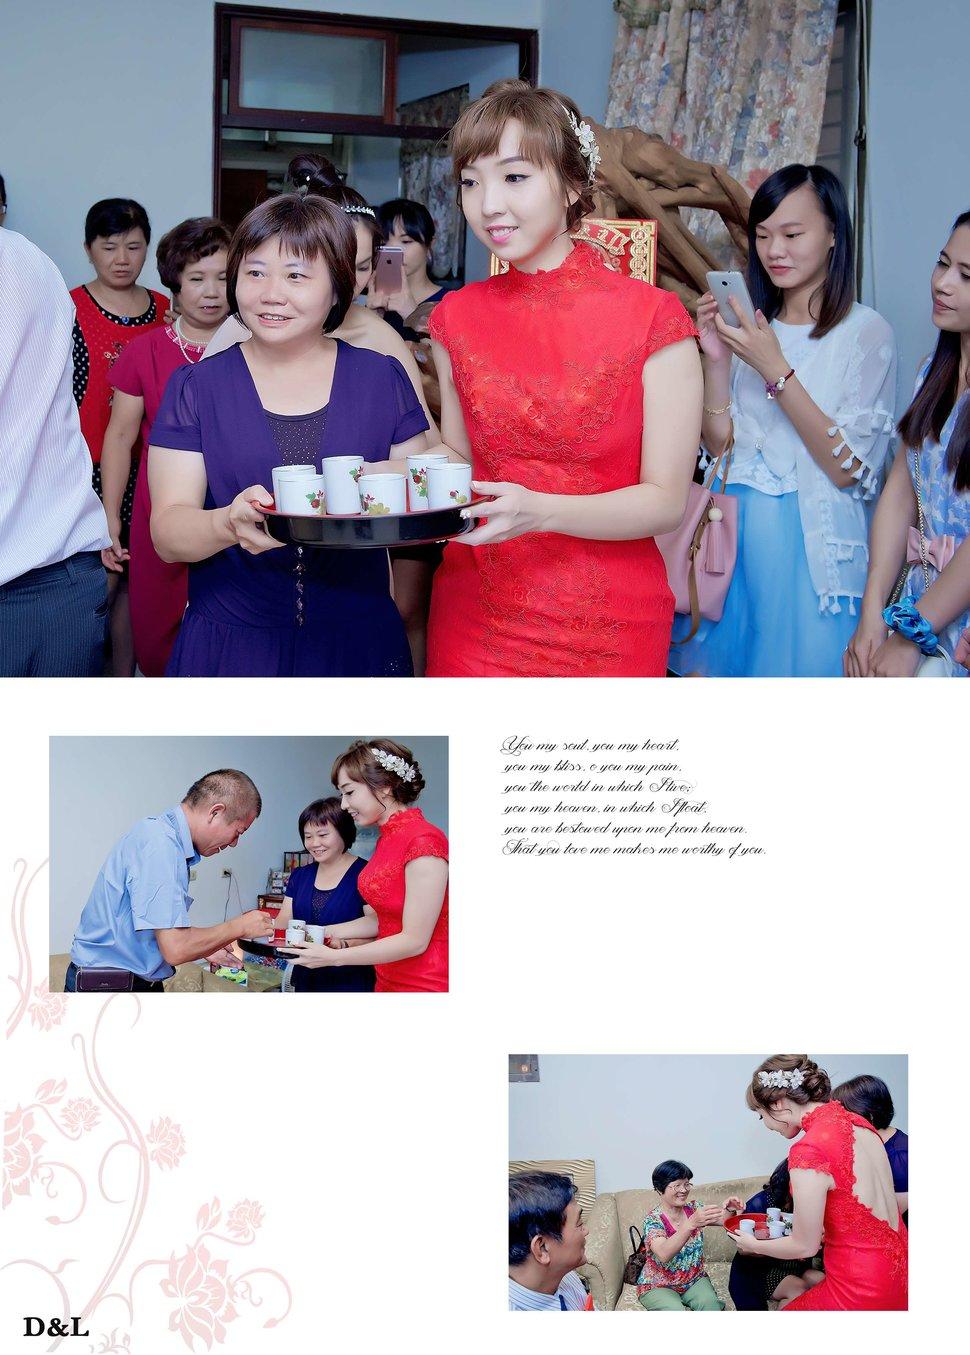 婚禮紀錄 嘉捷&莉卿(編號:300022) - D&L 婚禮事務-婚紗攝影/婚禮記錄 - 結婚吧一站式婚禮服務平台